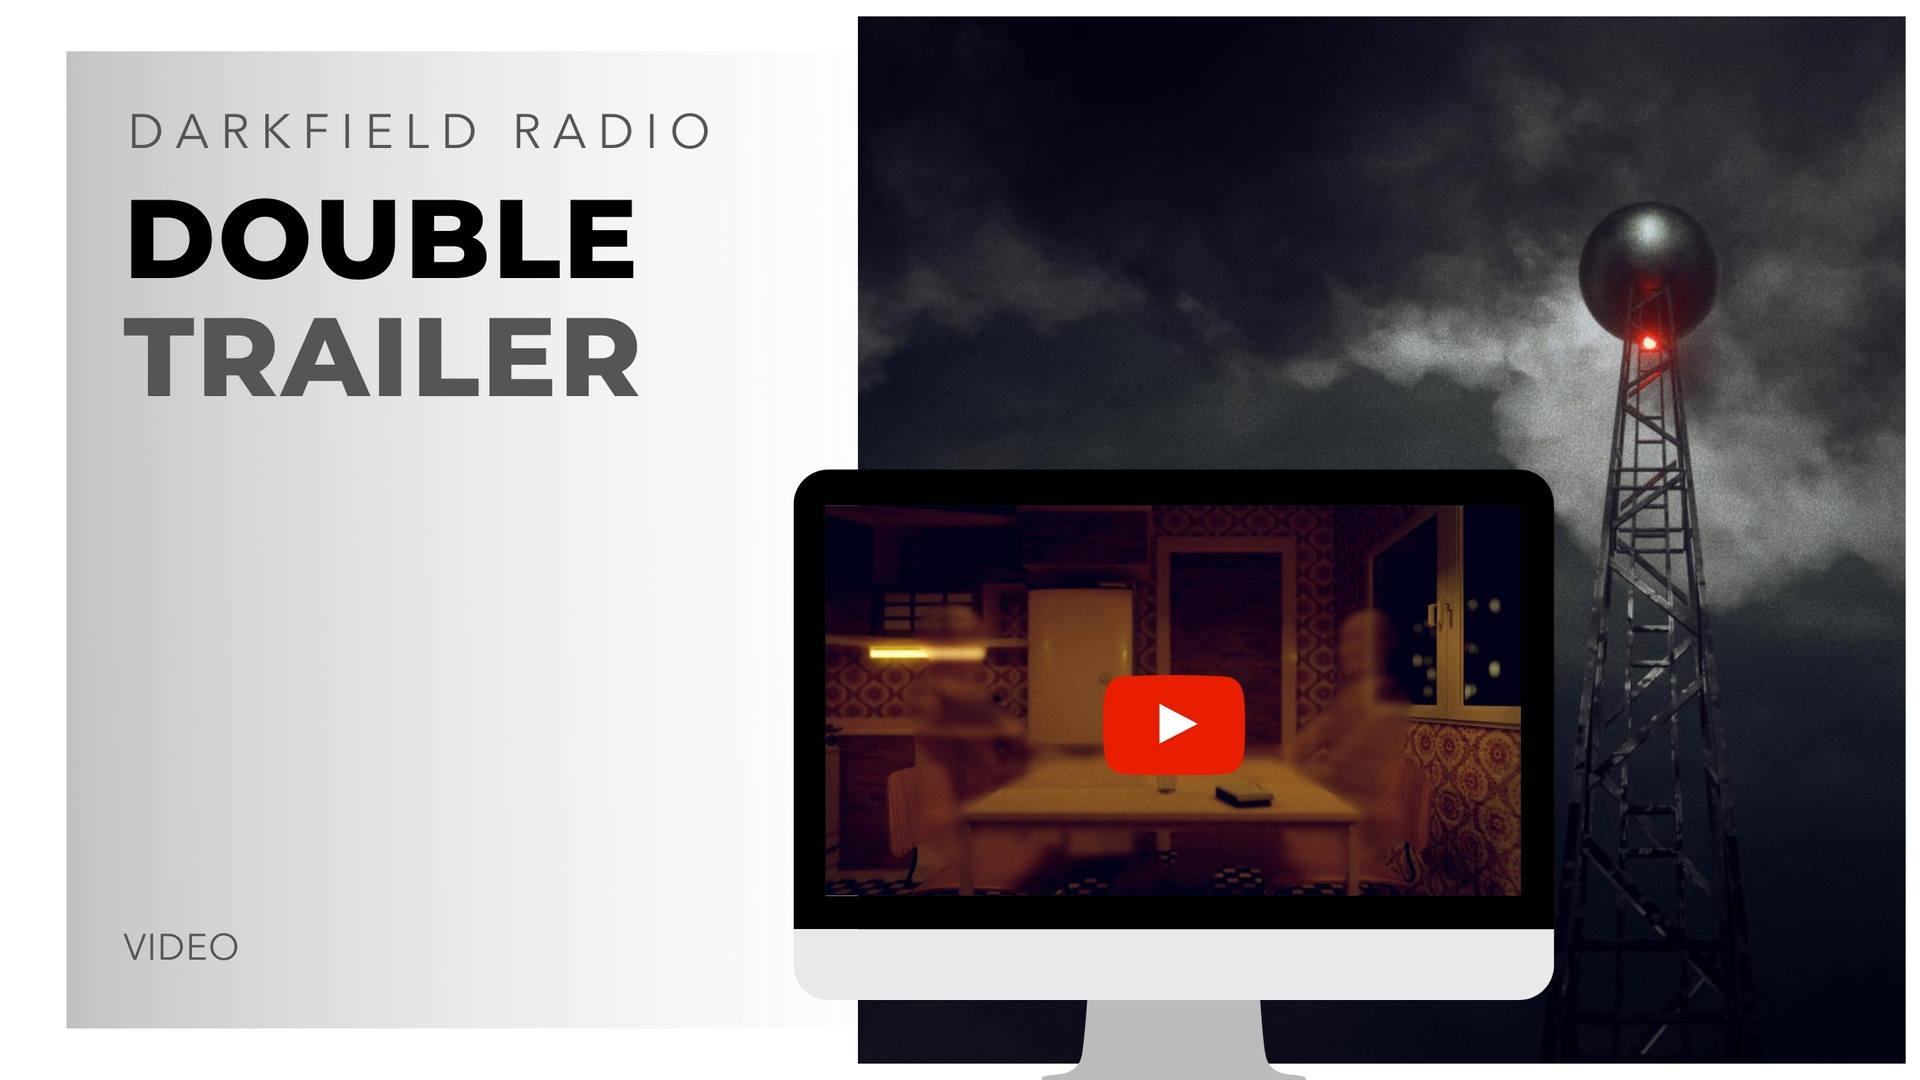 double on darkfield radio trailer - dark